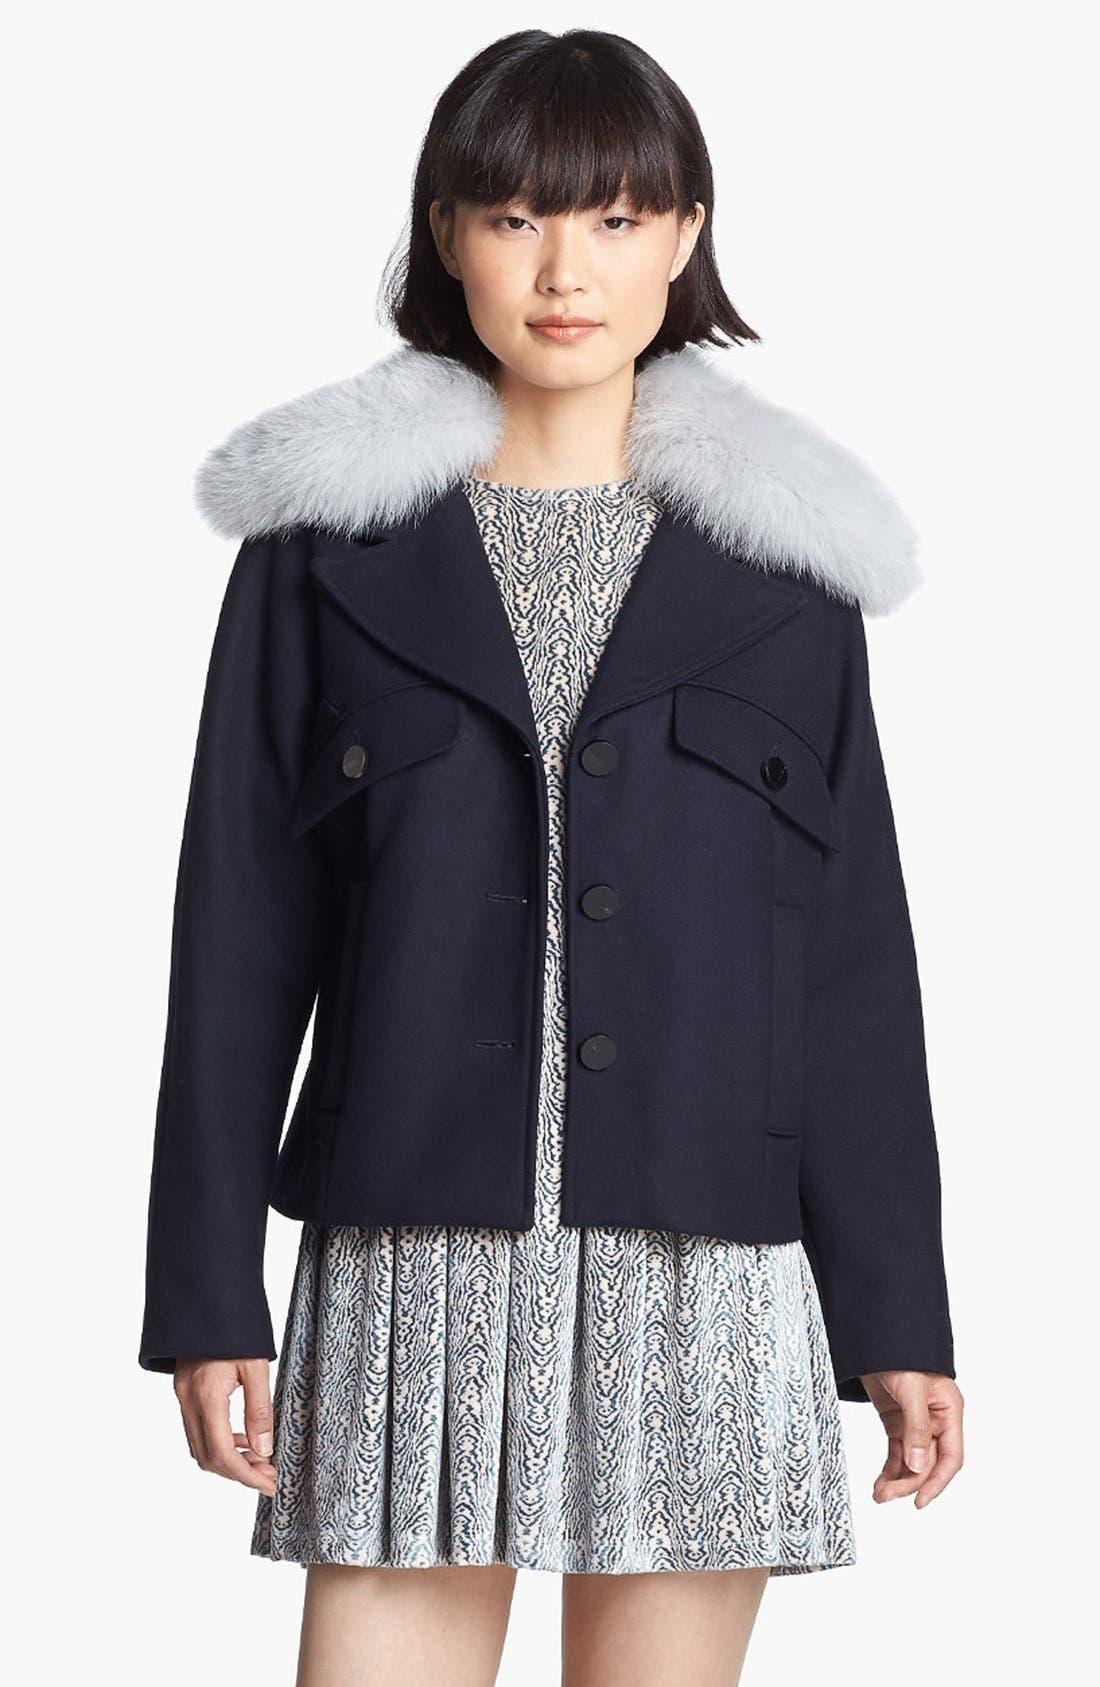 Wool Coat with Genuine Fox Fur Trim,                             Main thumbnail 1, color,                             410